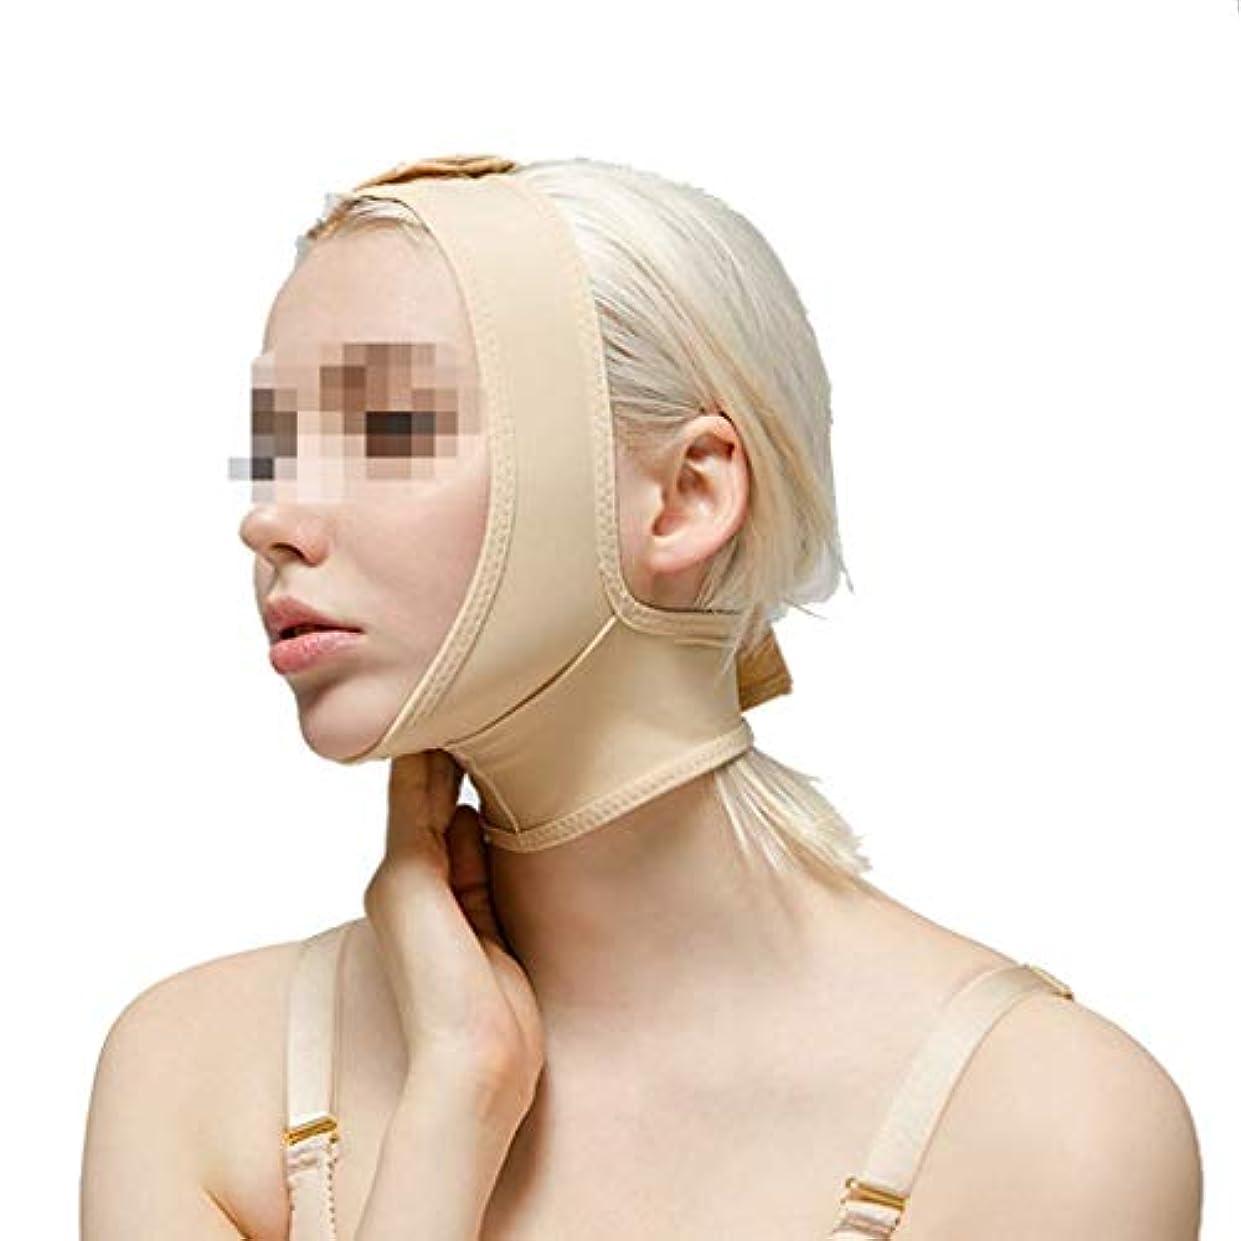 不安定なサイズ作る術後弾性スリーブ、下顎バンドルフェイスバンデージフェイシャルビームダブルチンシンフェイスマスクマルチサイズオプション(サイズ:L)